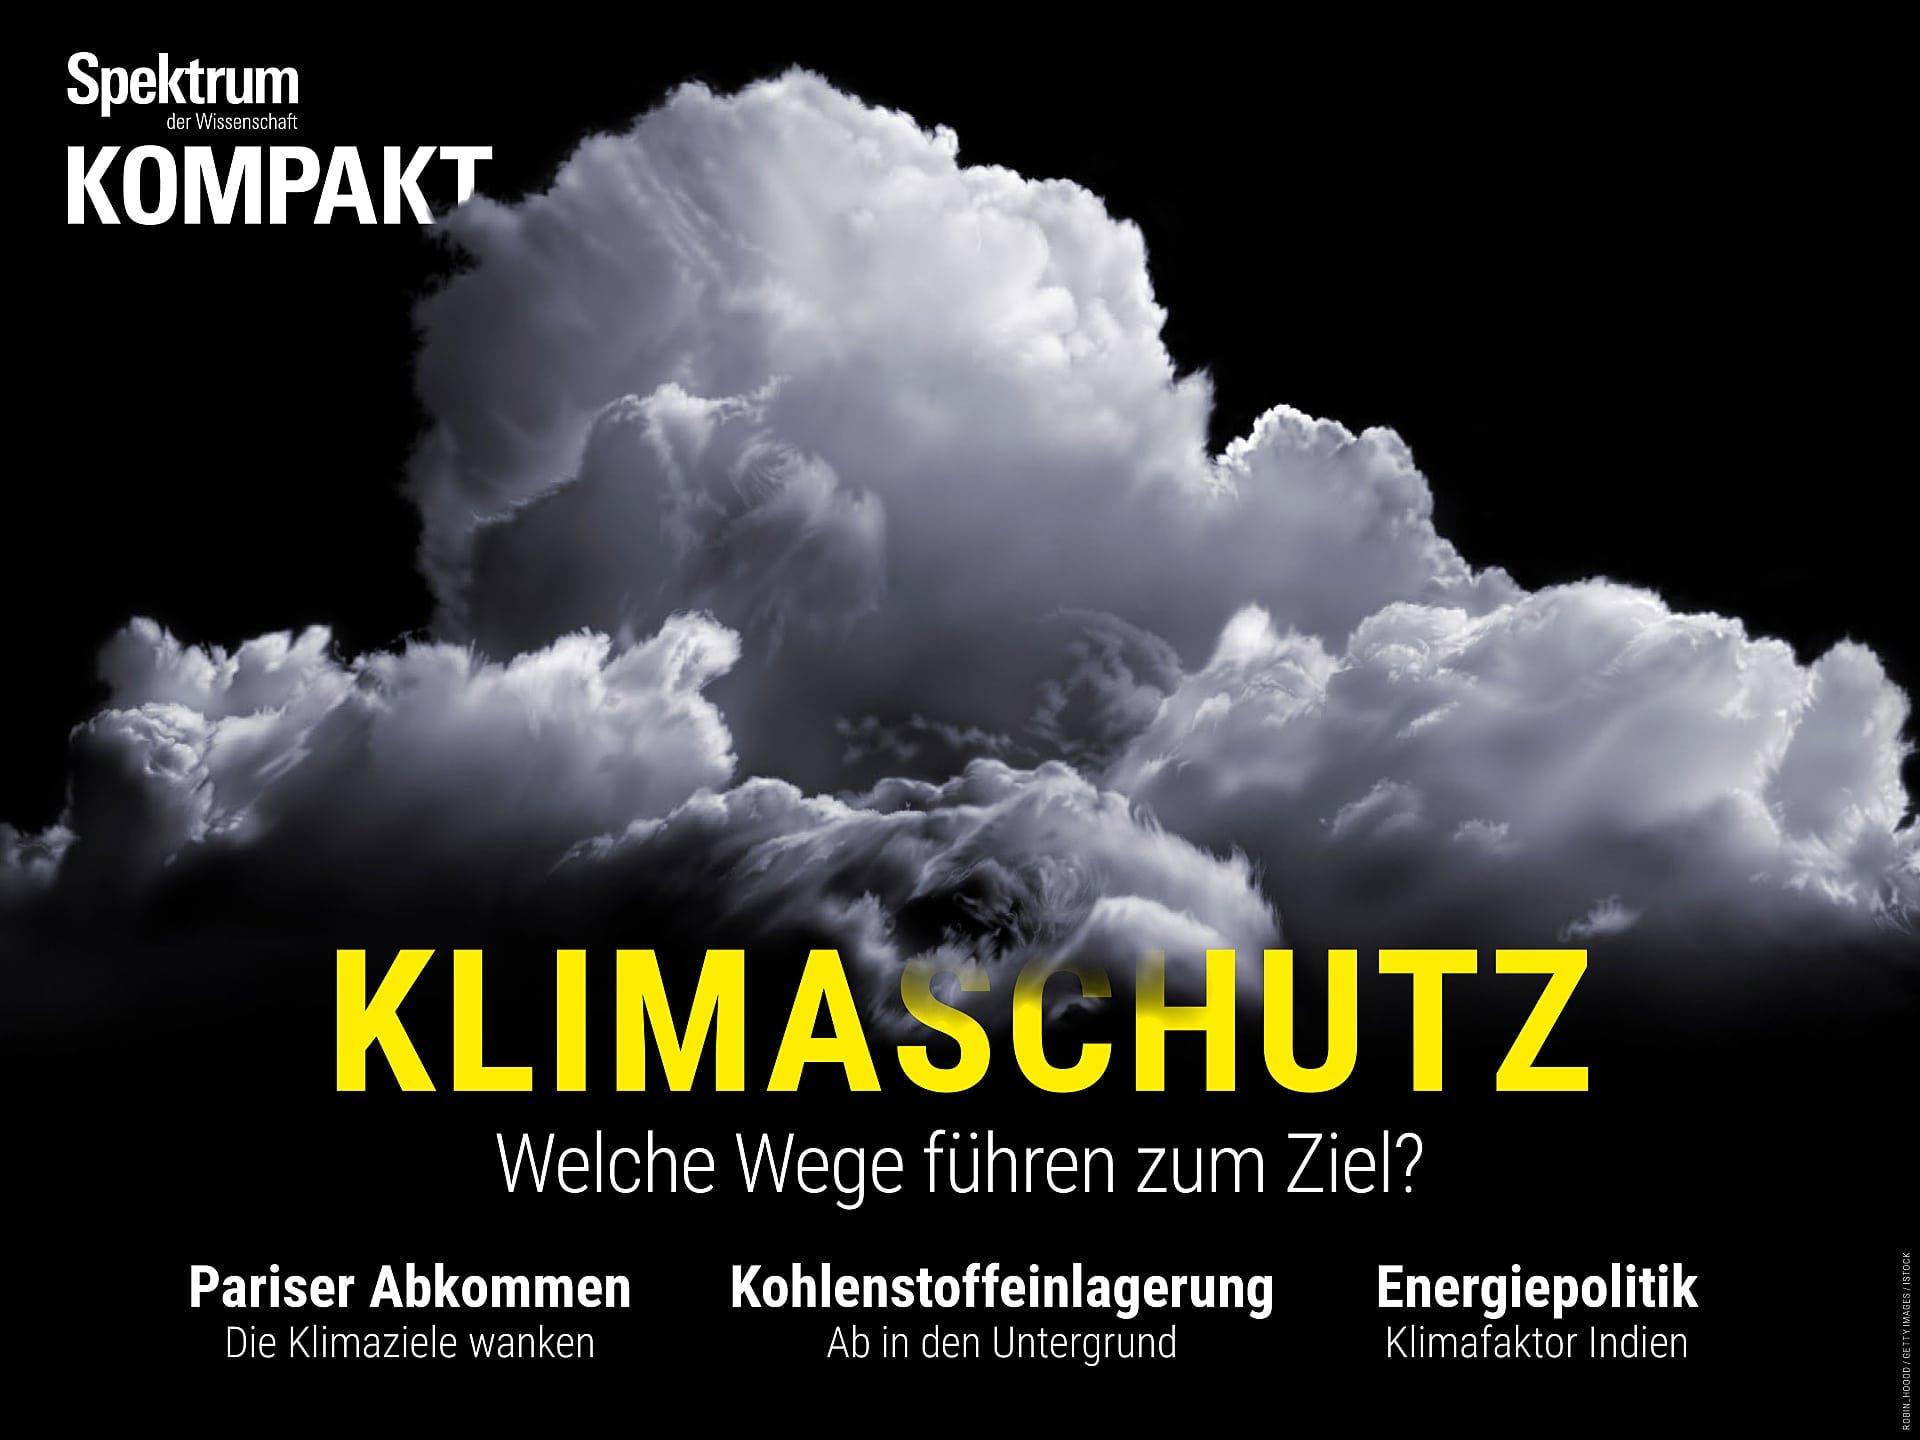 Klimaschutz - Welche Wege führen zum Ziel?